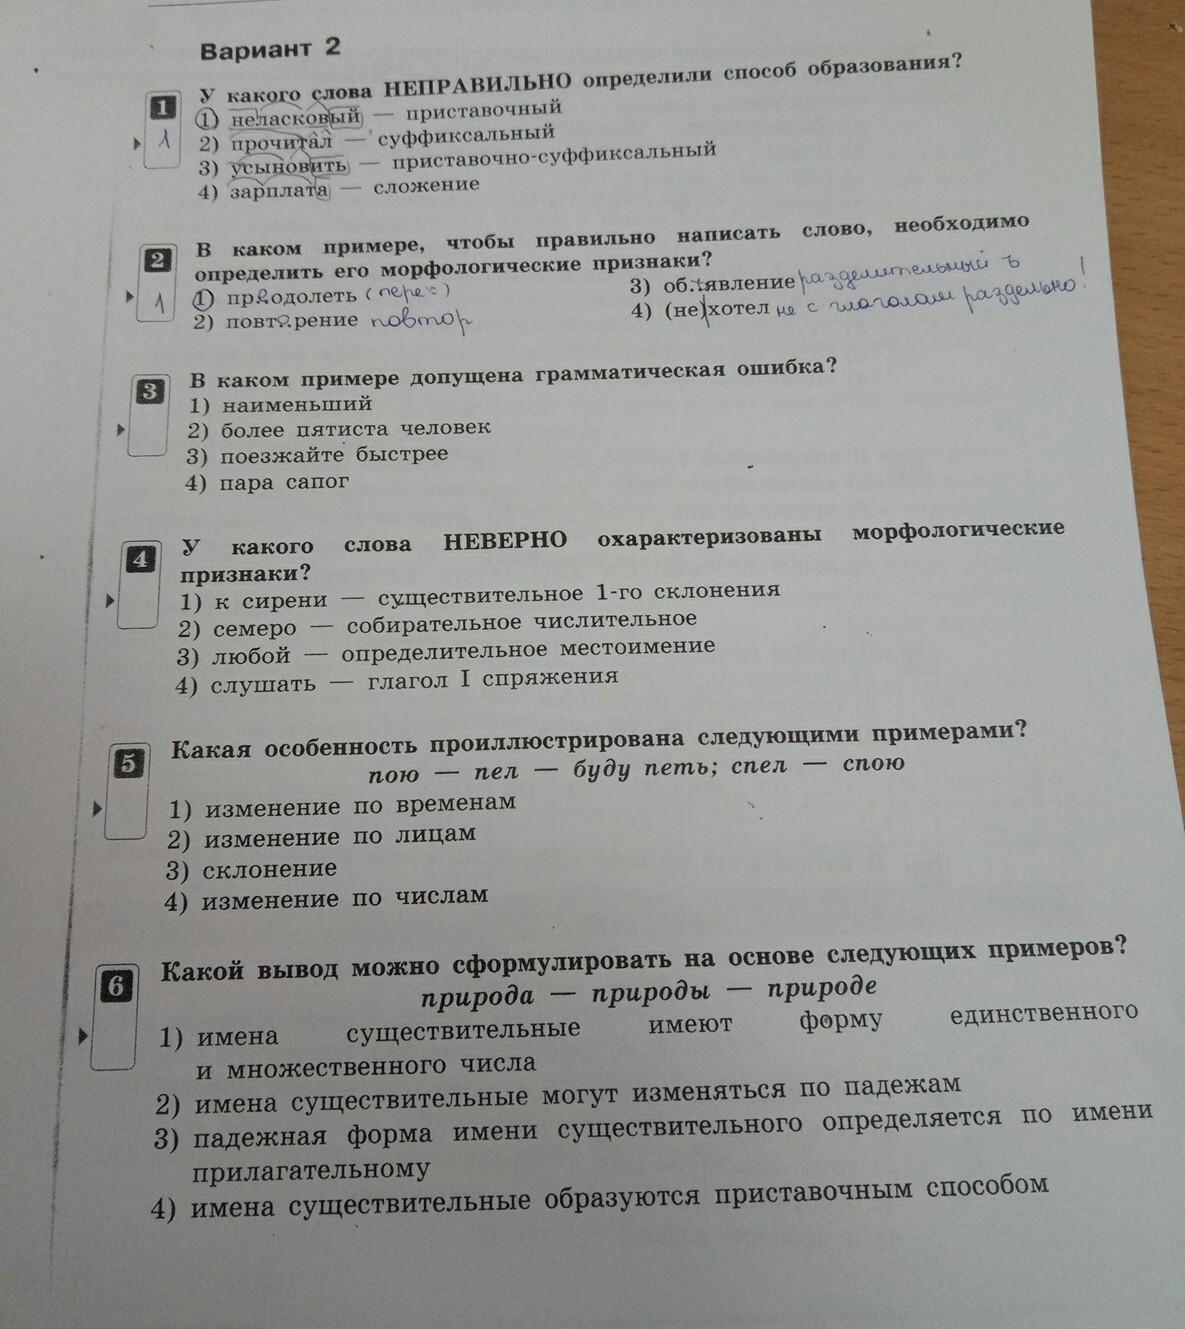 помогите пожалуйста контрольный тест по русскому языку Школьные  Помогите пожалуйста контрольный тест по русскому языку